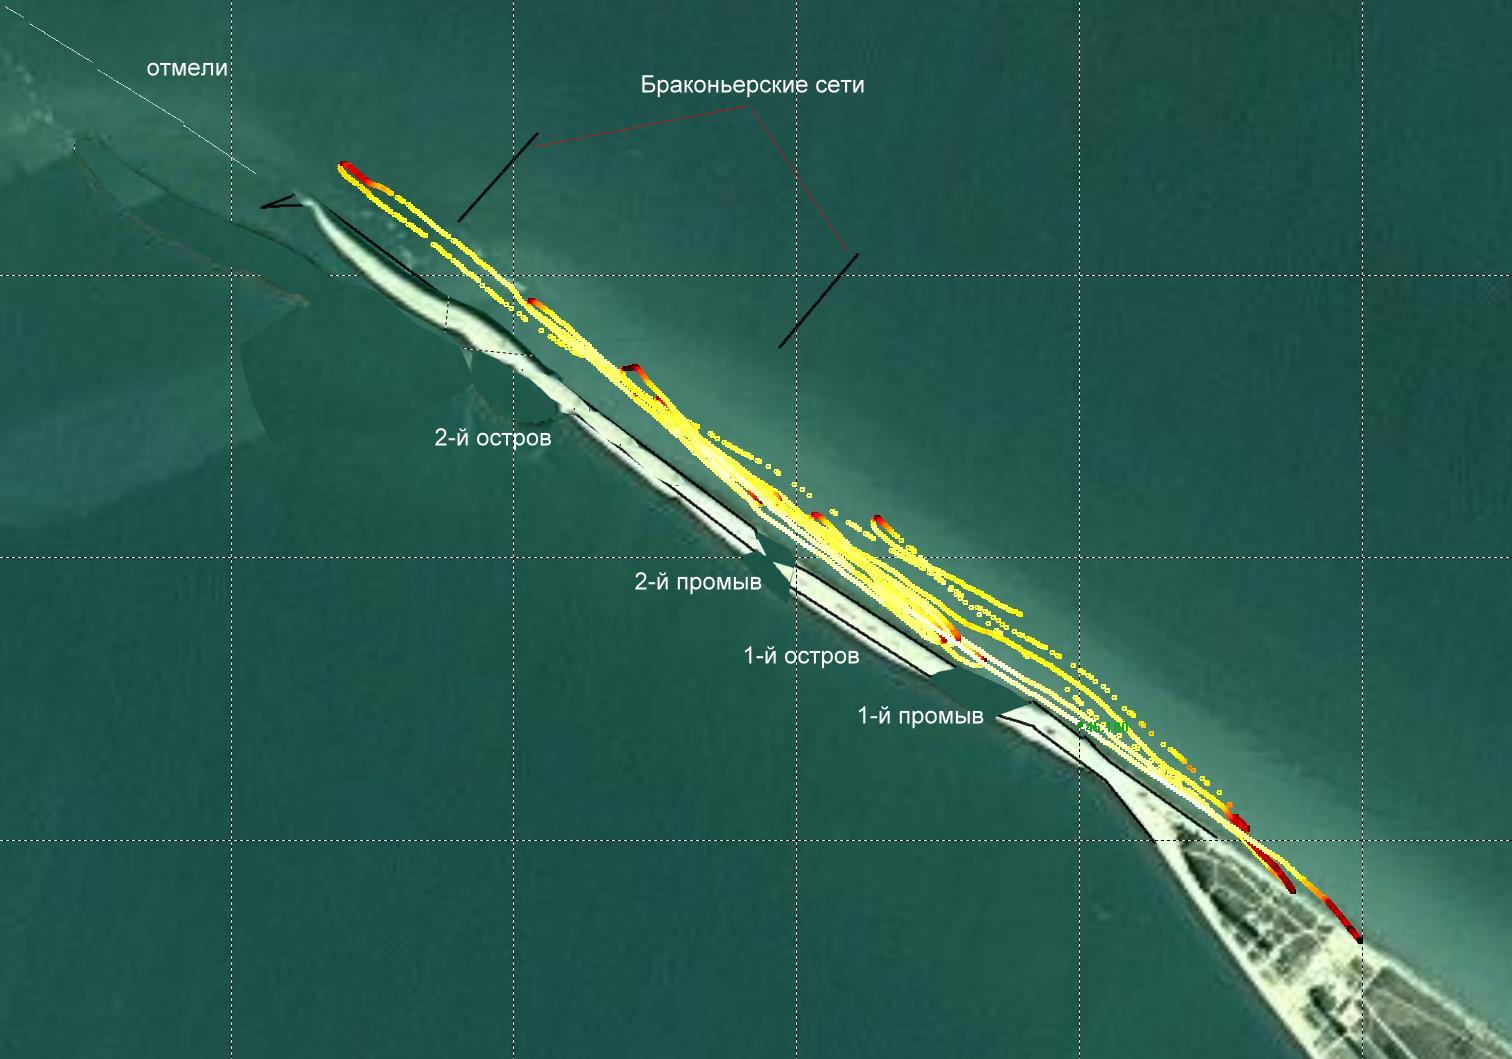 22 мая - исследование должанских островов при помощи GPS-трека